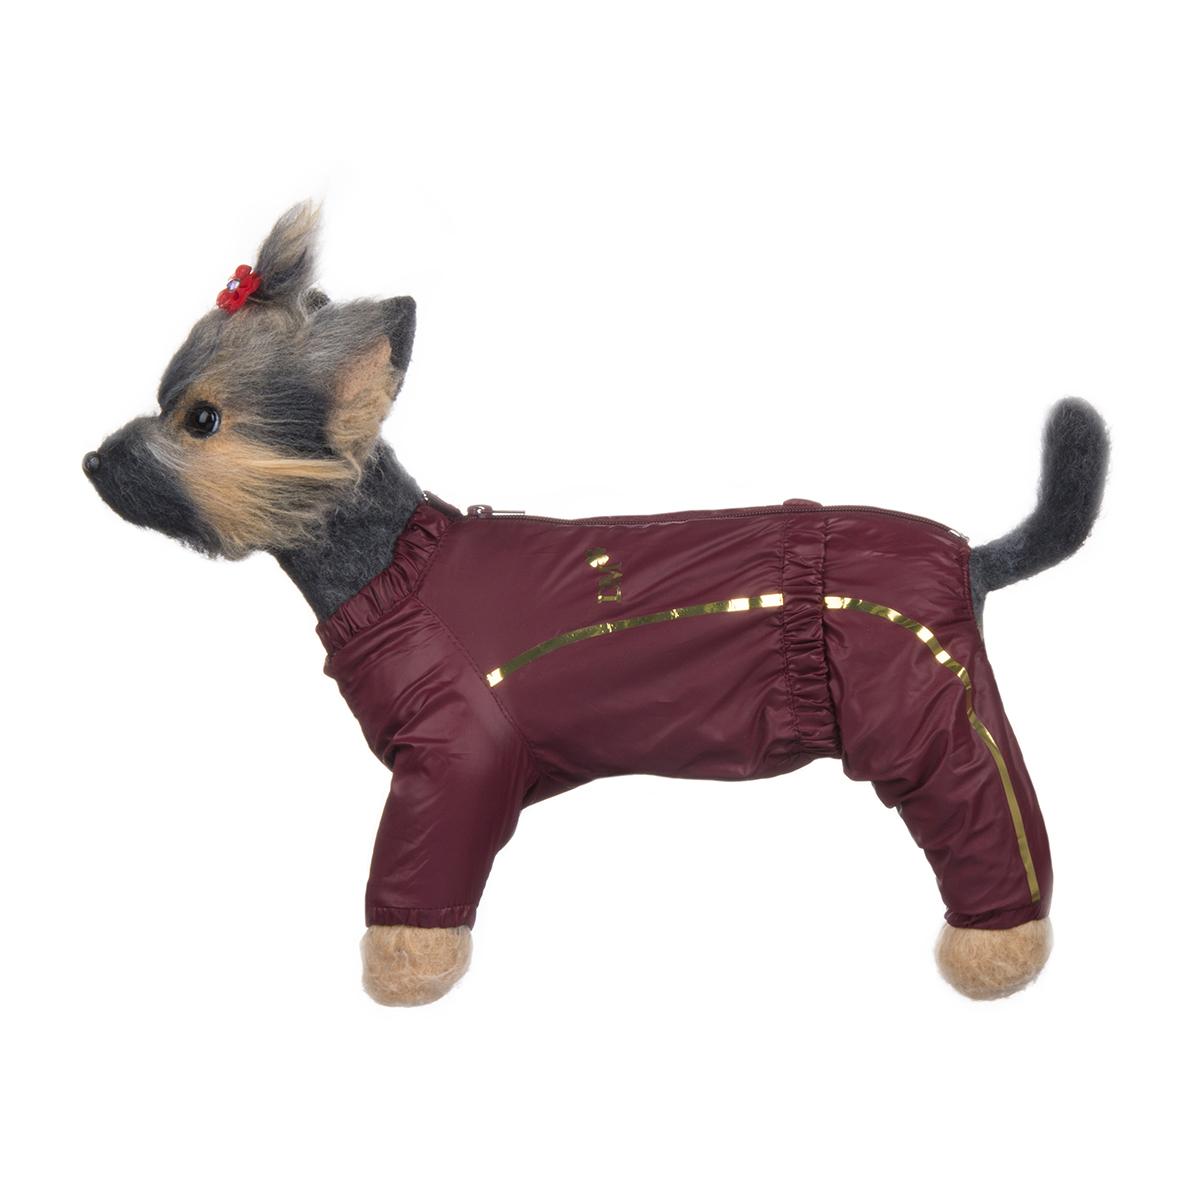 Комбинезон для собак Dogmoda Альпы, для девочки, цвет: бордовый. Размер 4 (XL)DM-150325-4Комбинезон для собак Dogmoda Альпы отлично подойдет для прогулок поздней осенью или ранней весной. Комбинезон изготовлен из полиэстера, защищающего от ветра и осадков, с подкладкой из флиса, которая сохранит тепло и обеспечит отличный воздухообмен. Комбинезон застегивается на молнию и липучку, благодаря чему его легко надевать и снимать. Ворот, низ рукавов и брючин оснащены внутренними резинками, которые мягко обхватывают шею и лапки, не позволяя просачиваться холодному воздуху. На пояснице имеется внутренняя резинка. Изделие декорировано золотистыми полосками и надписью DM.Благодаря такому комбинезону простуда не грозит вашему питомцу и он не даст любимцу продрогнуть на прогулке.Одежда для собак: нужна ли она и как её выбрать. Статья OZON Гид